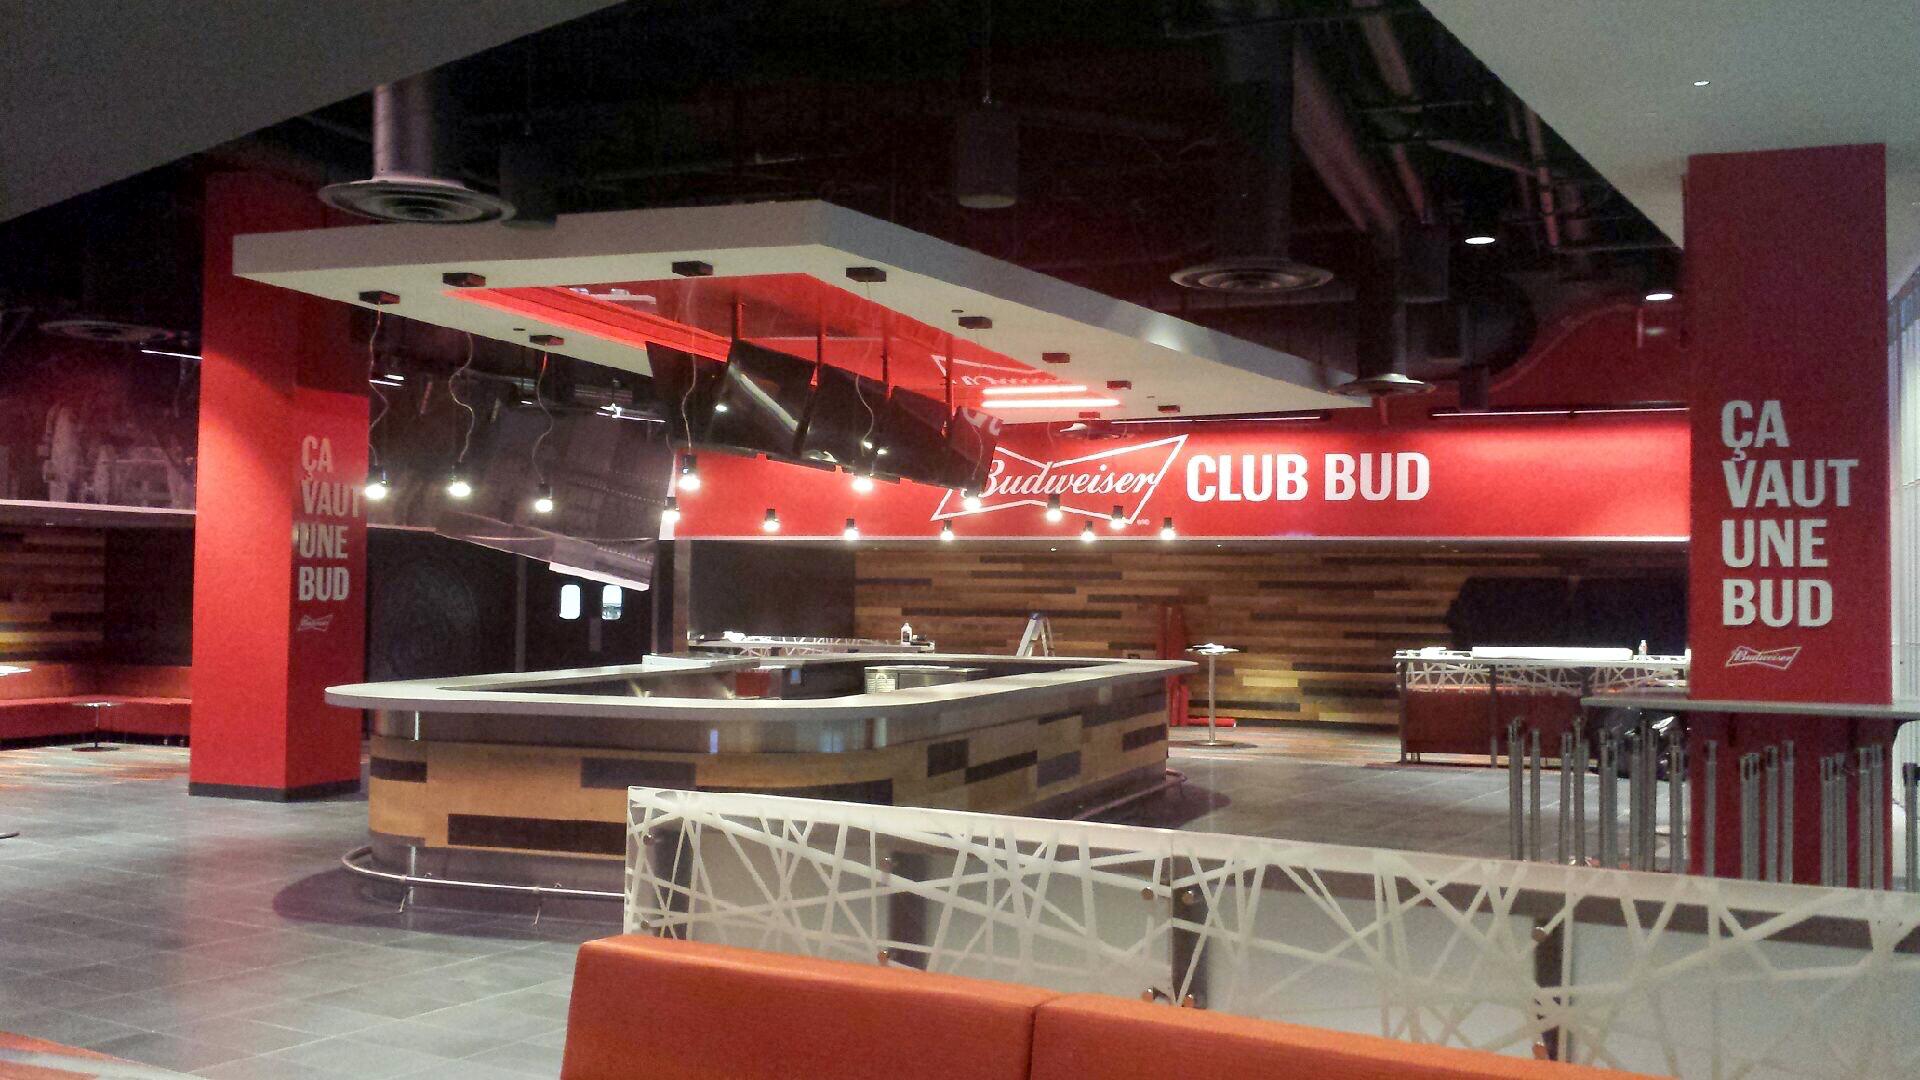 club bud_photo1.jpg